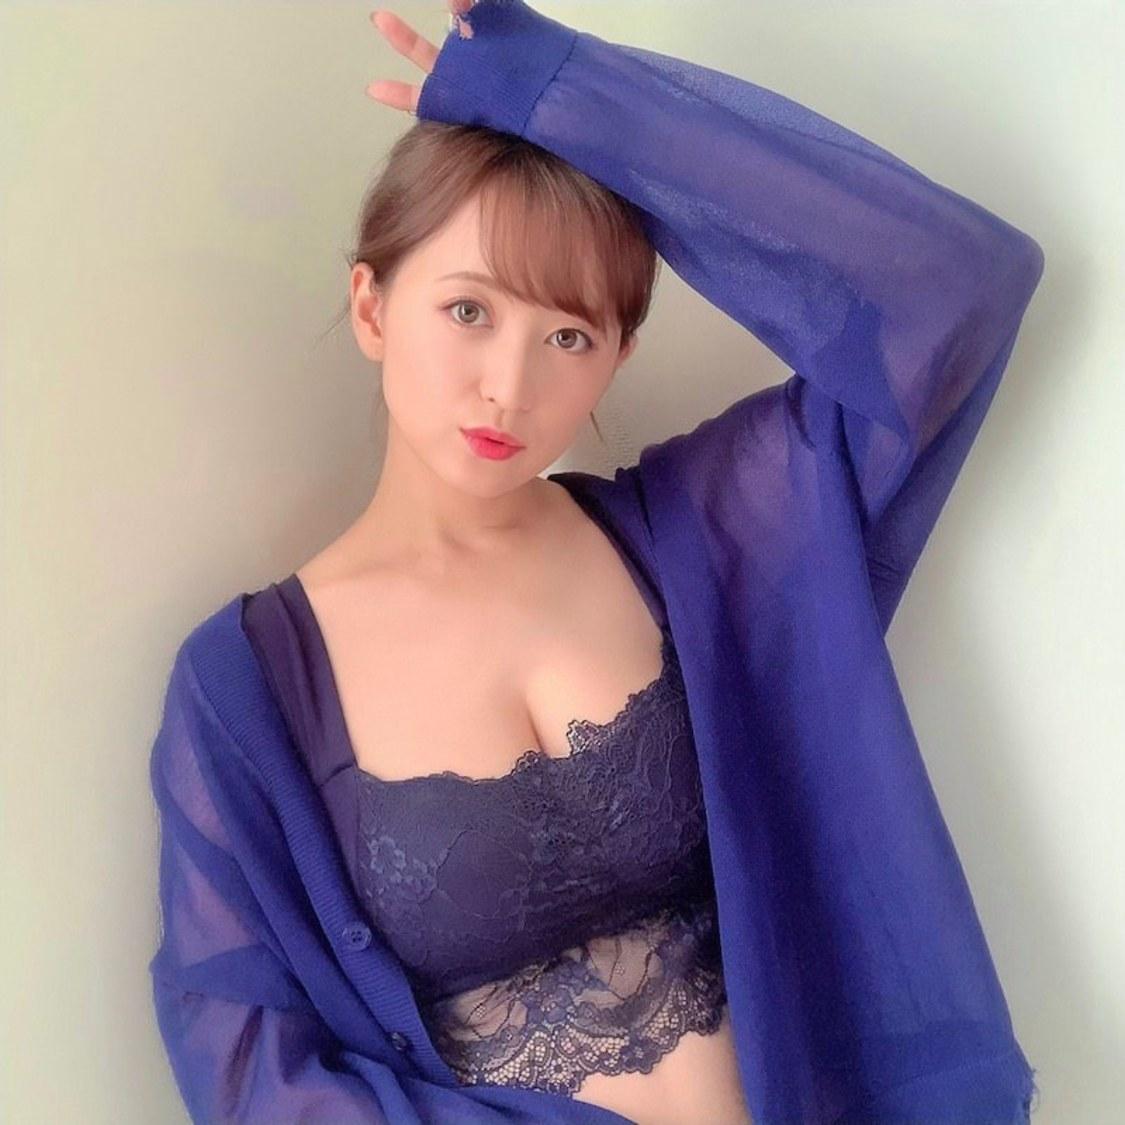 小松彩夏、美谷間を見せるナイトブラ姿を公開! オフィシャルブログより